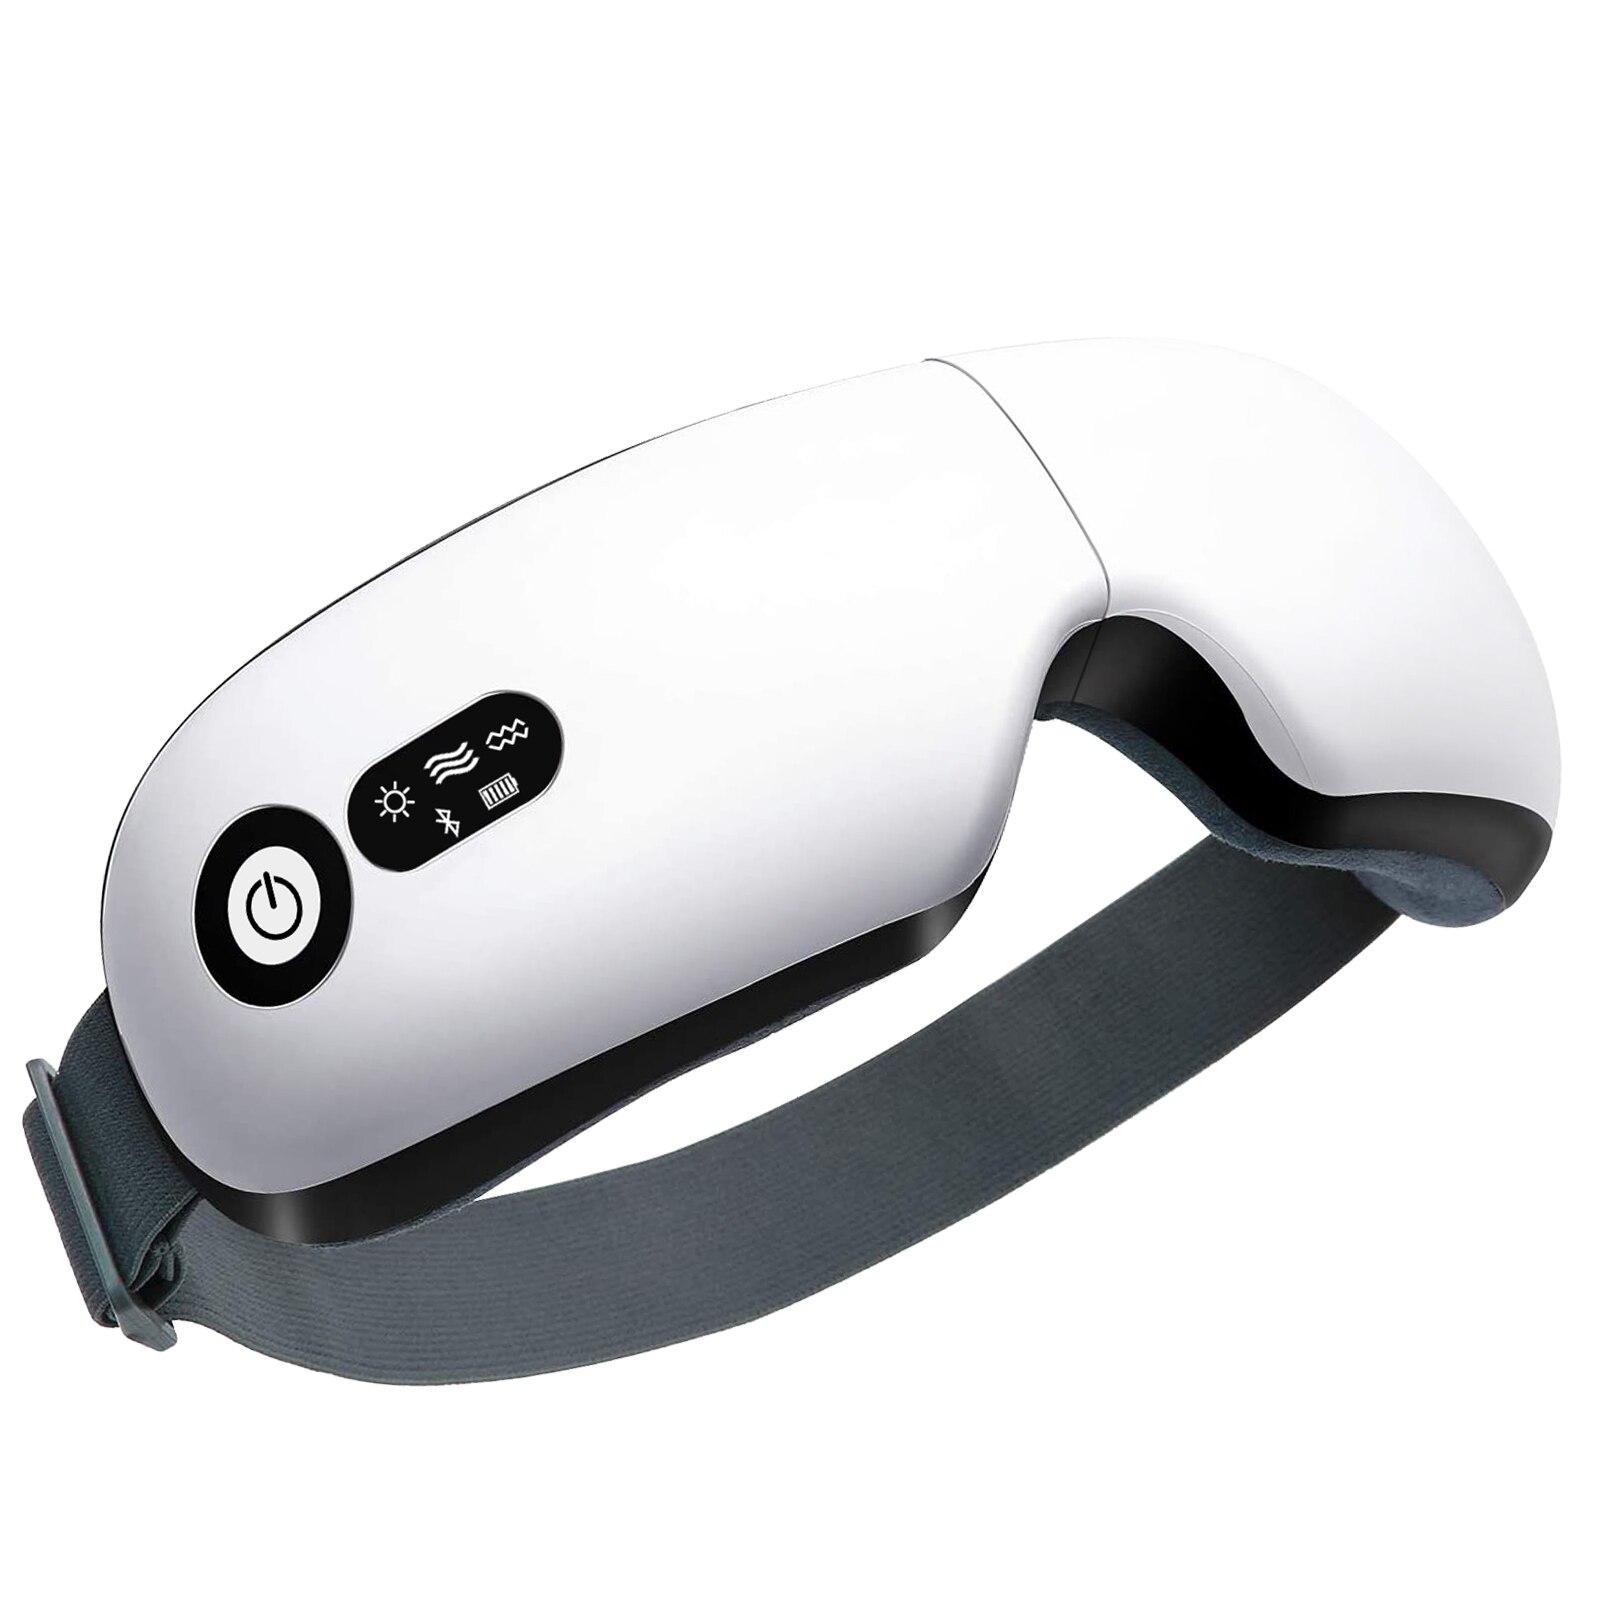 اللاسلكية الذكية وسادة هوائية الاهتزاز العين مدلك العناية بالعين متعددة المراحل الساخن ضغط بلوتوث الموسيقى يخفف التعب والدوائر السوداء